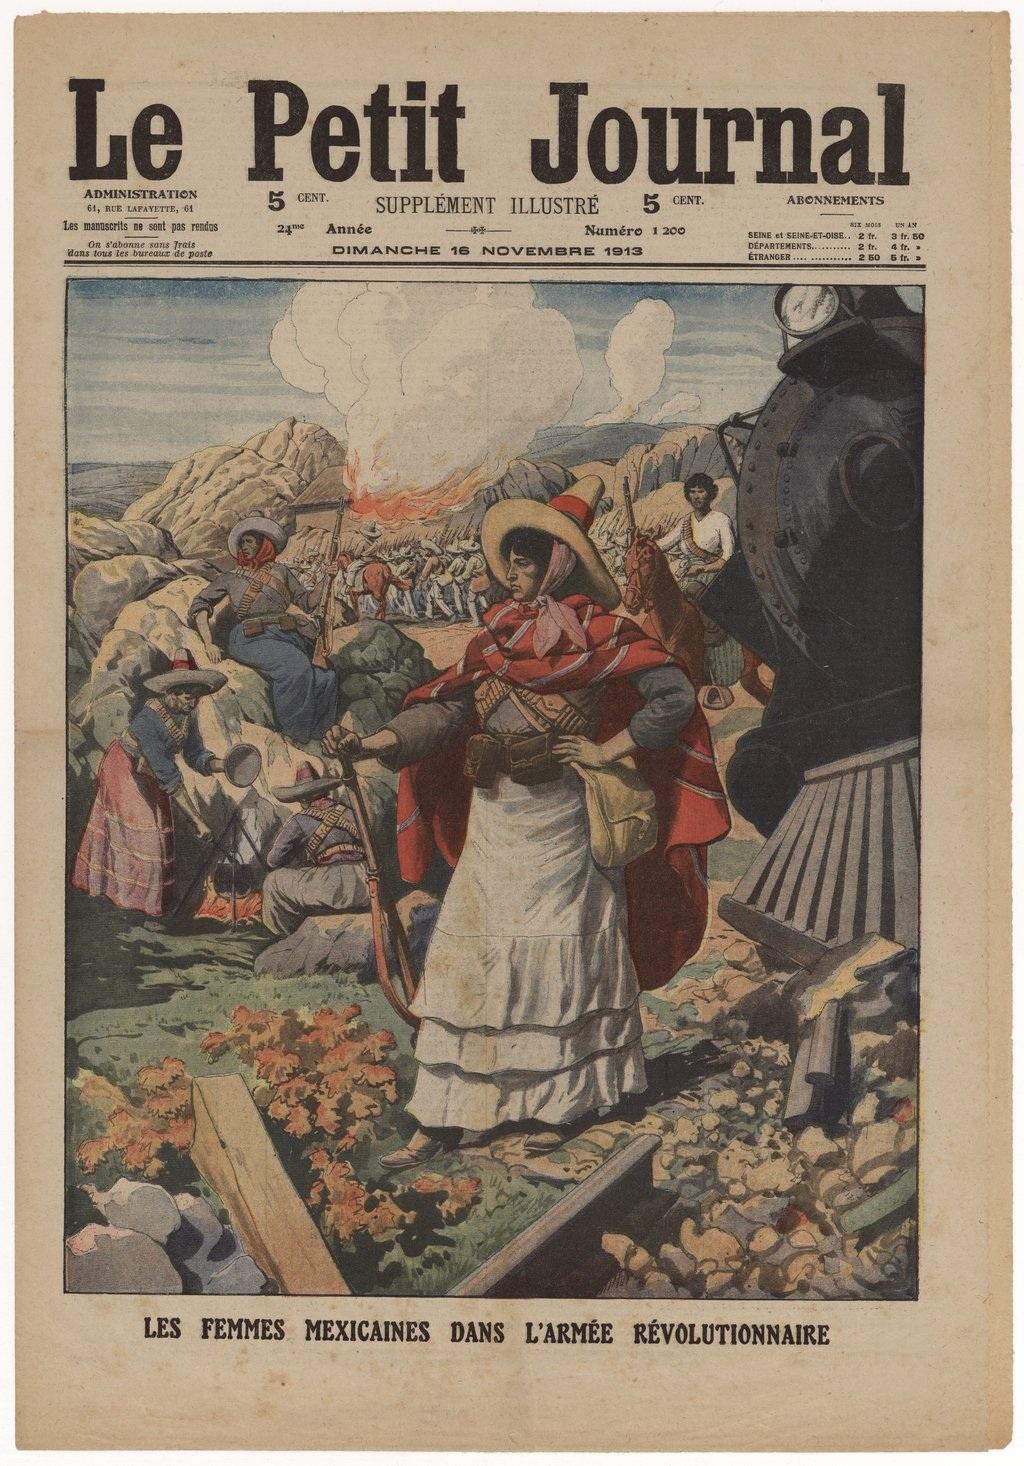 Las mujeres s con may scula mexicanas en la revoluci n peri dico franc s - Petit journal de lattes ...